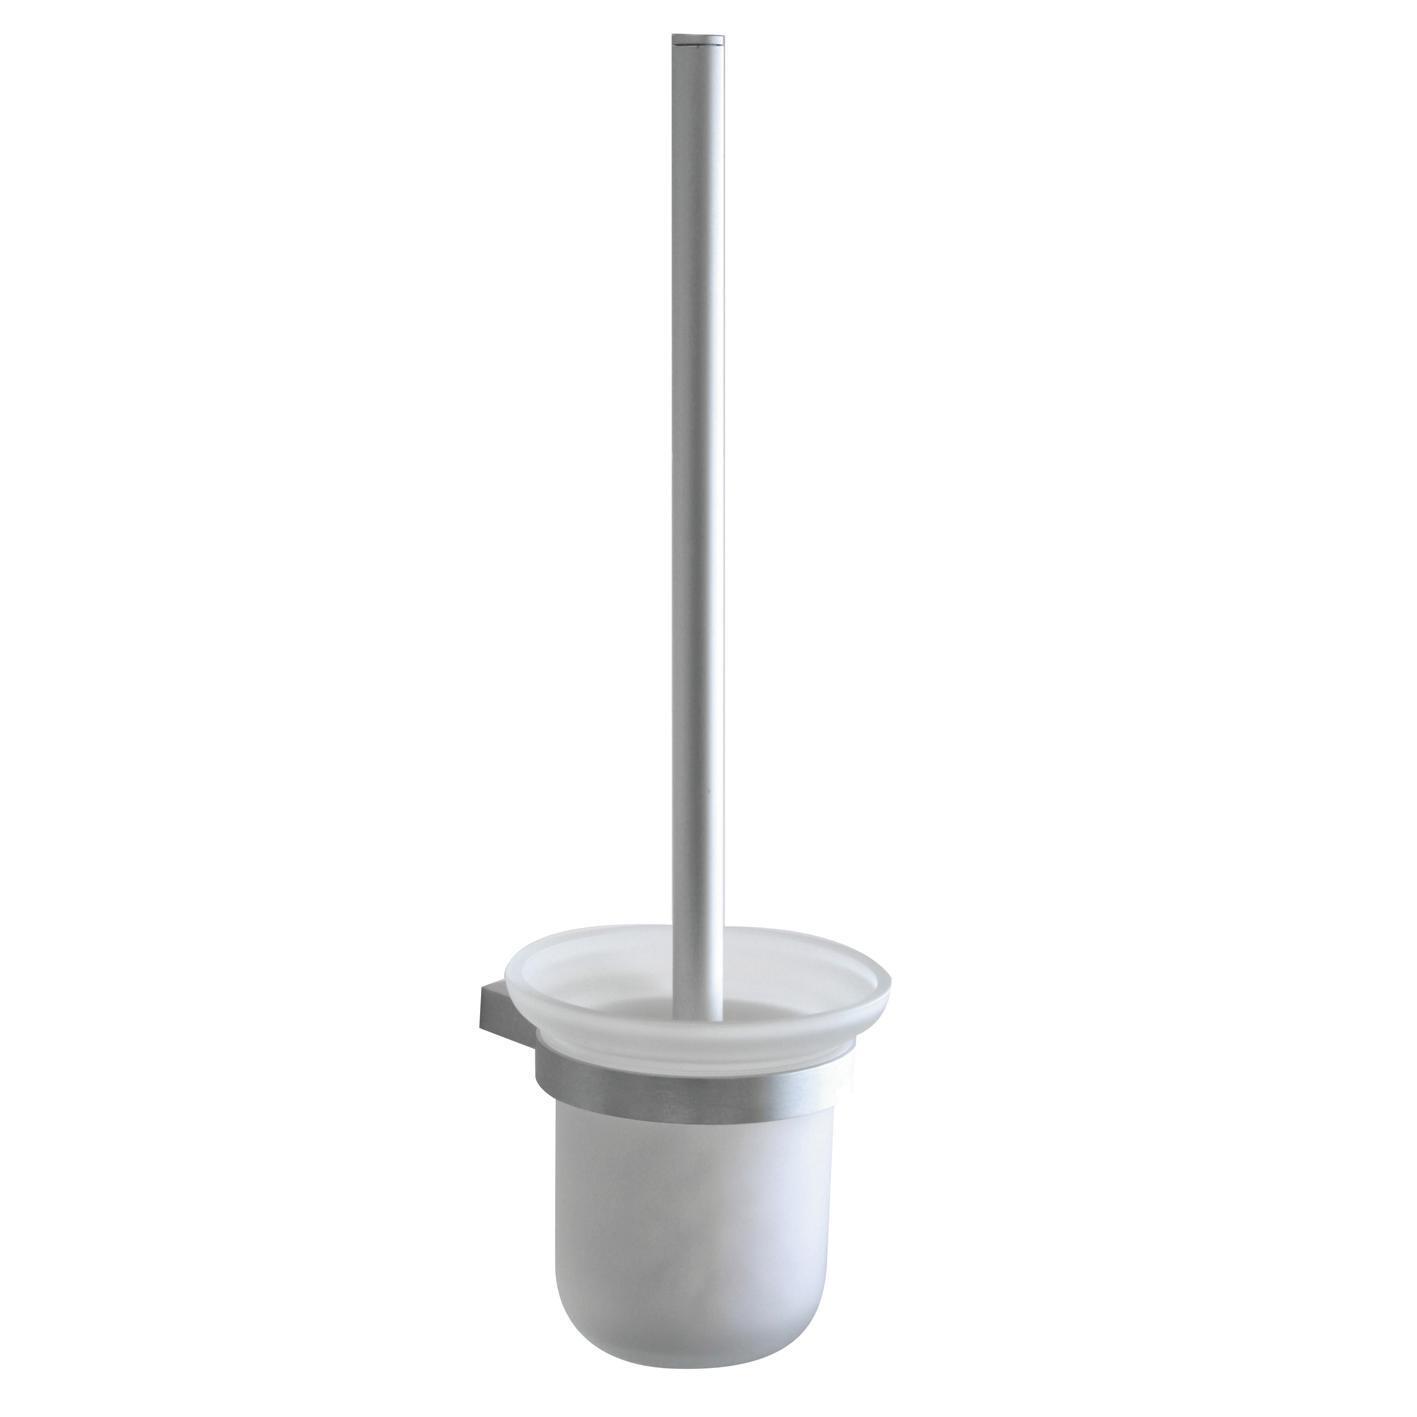 Porta scopino wc a muro Ice in vetro supporto grigio e trasparente